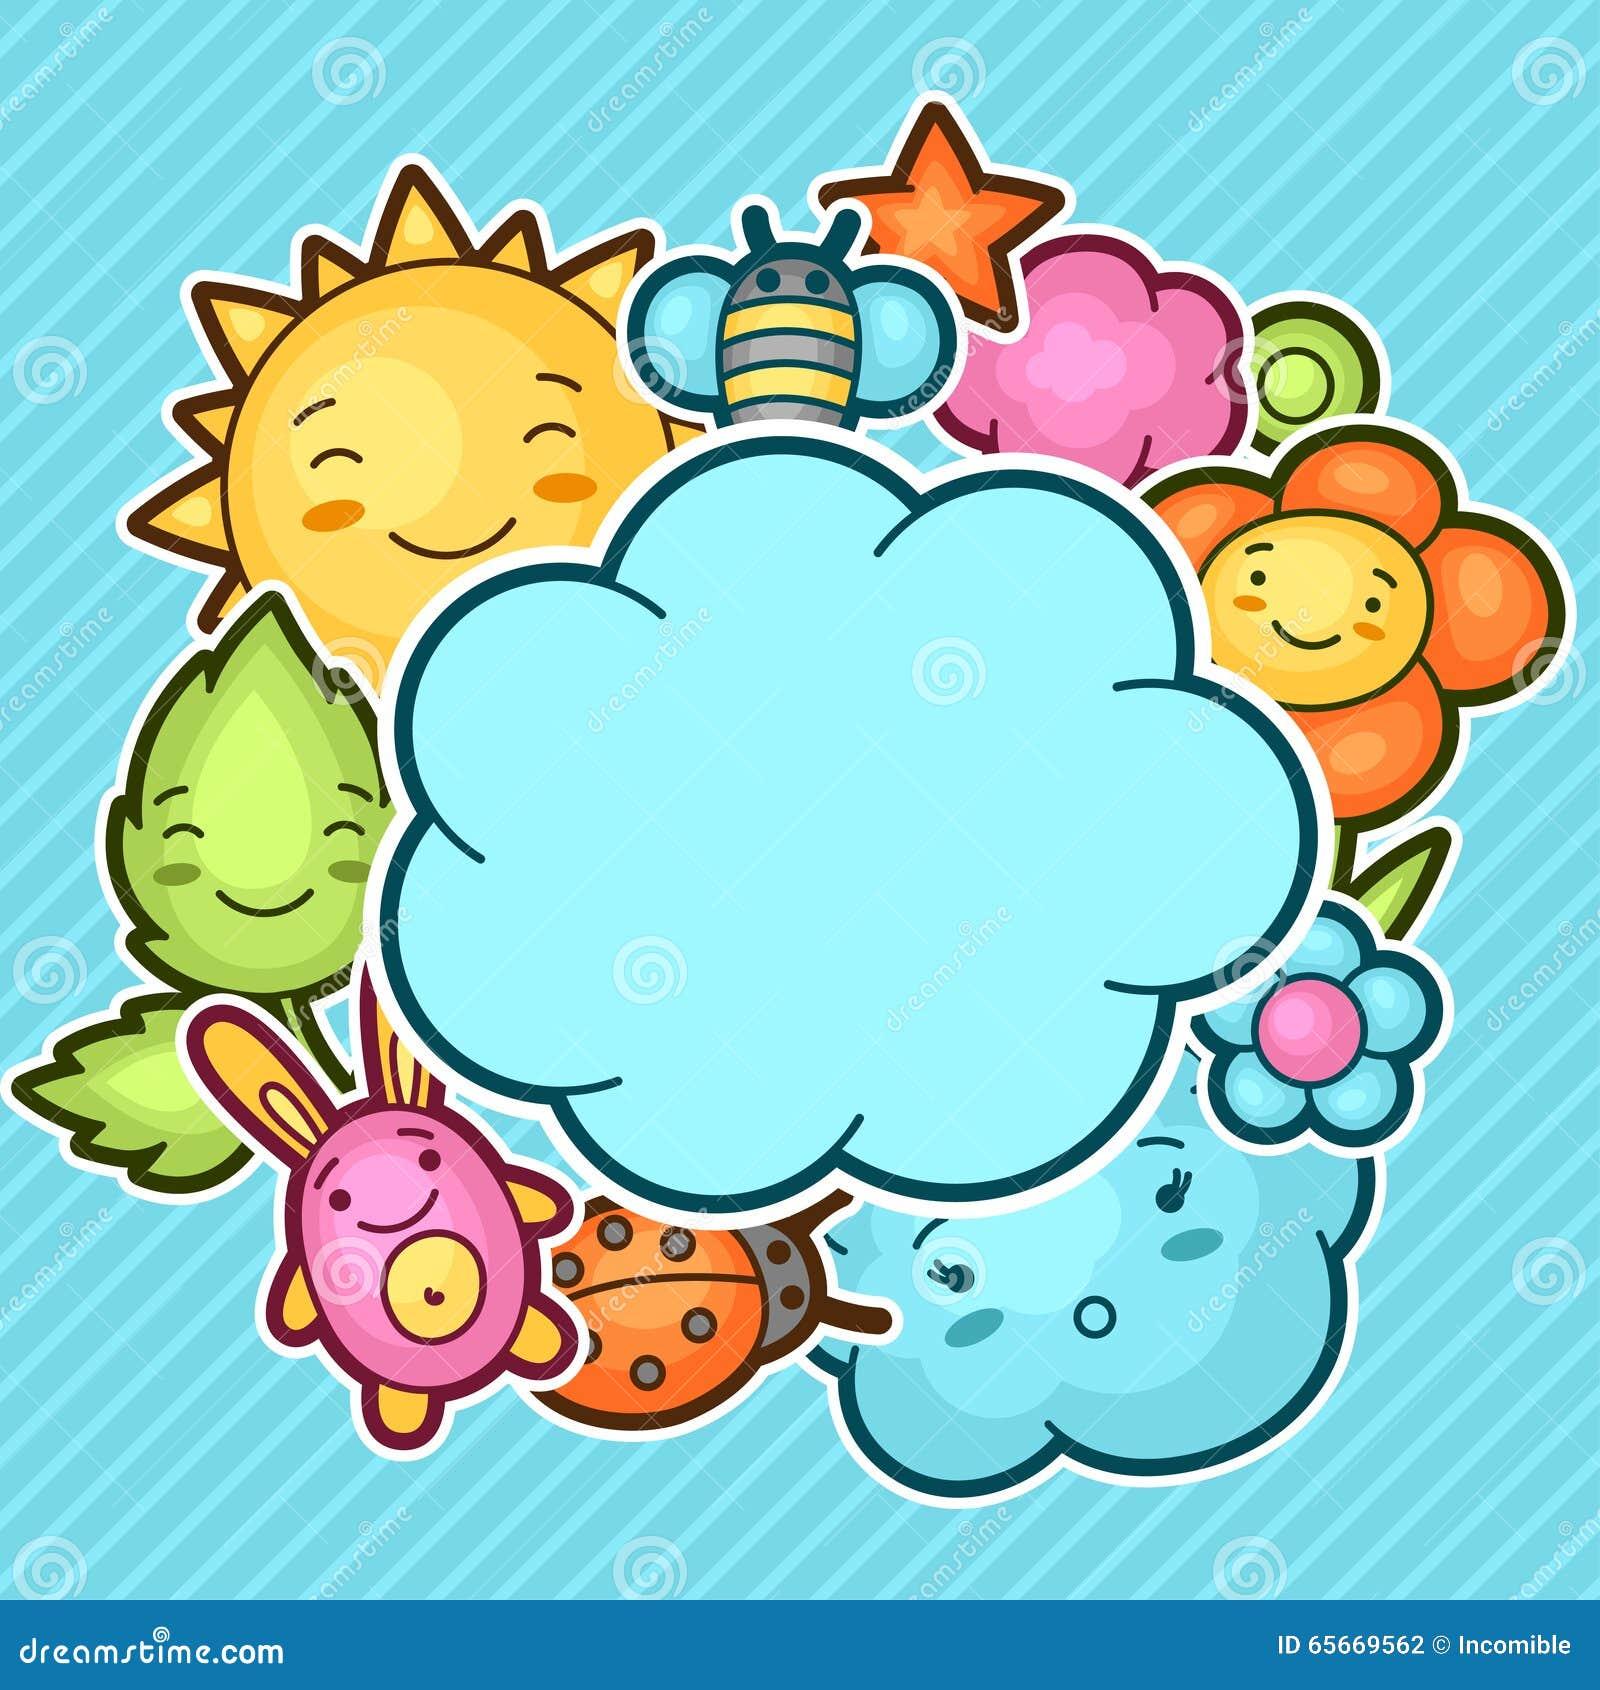 与kawaii乱画的逗人喜爱的儿童背景 快乐的漫画人物太阳,云彩,花,叶子图片